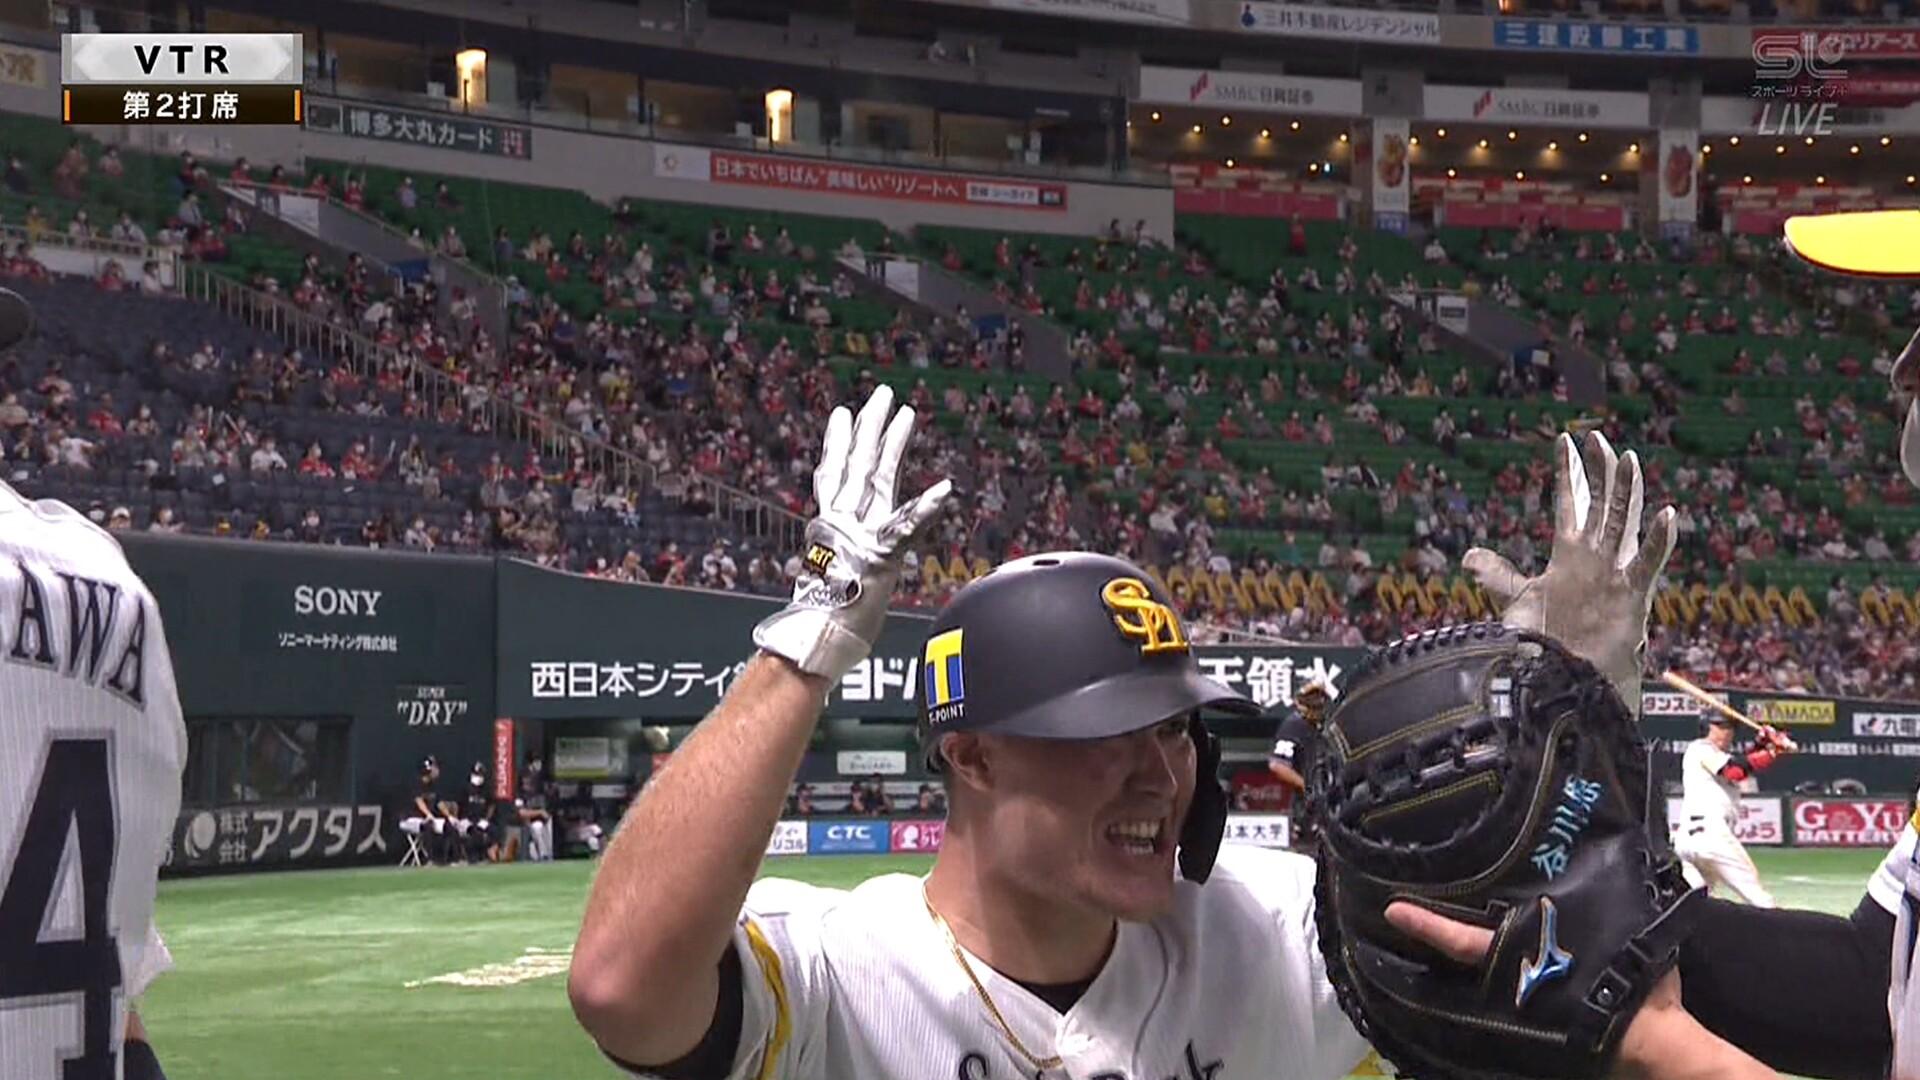 ソフトバンク・リチャード、プロ初ホームランが満塁弾!